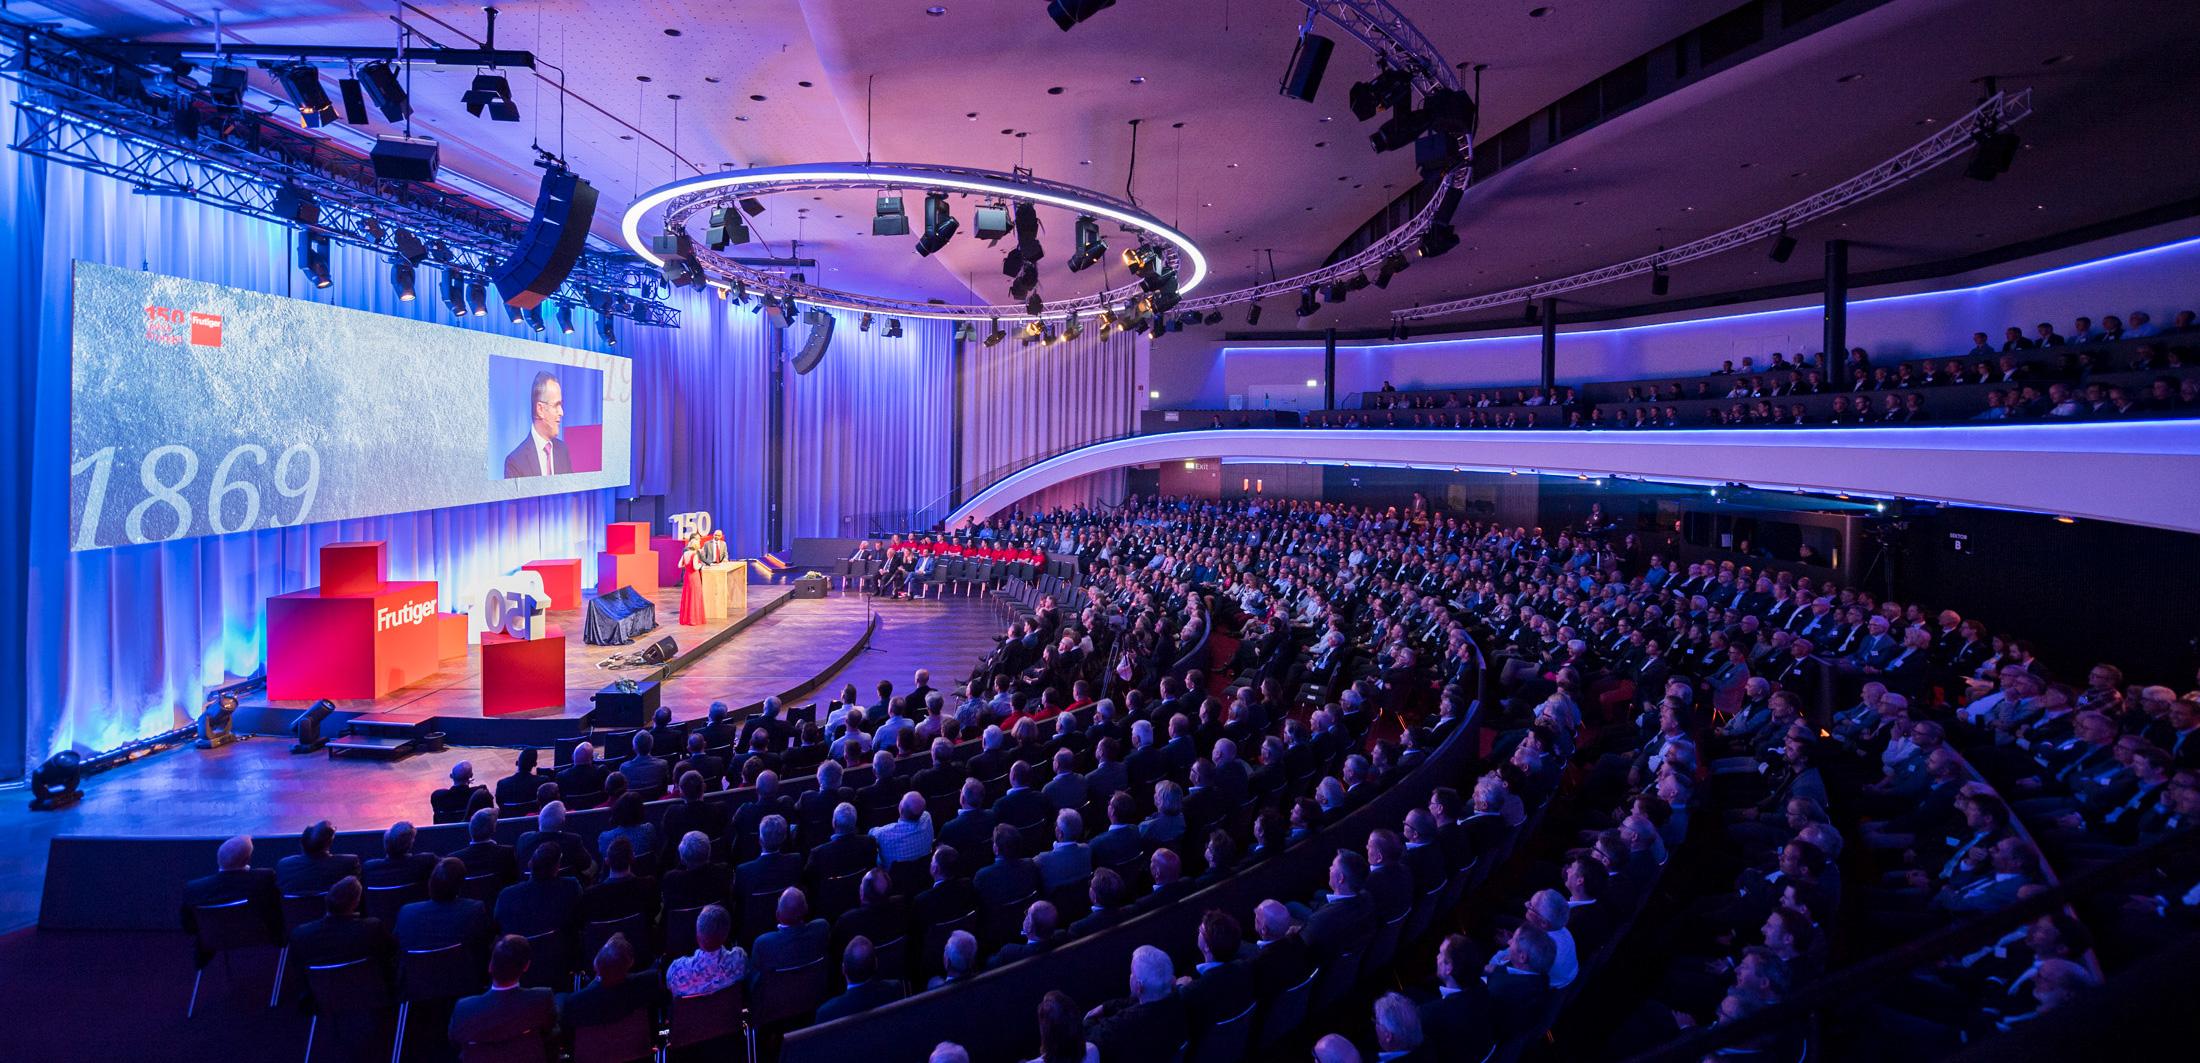 Kursaal Bern, Frutiger AG, 150 Jahre Jubiläum, Kundenevent, Eventfotografie; David Schweizer